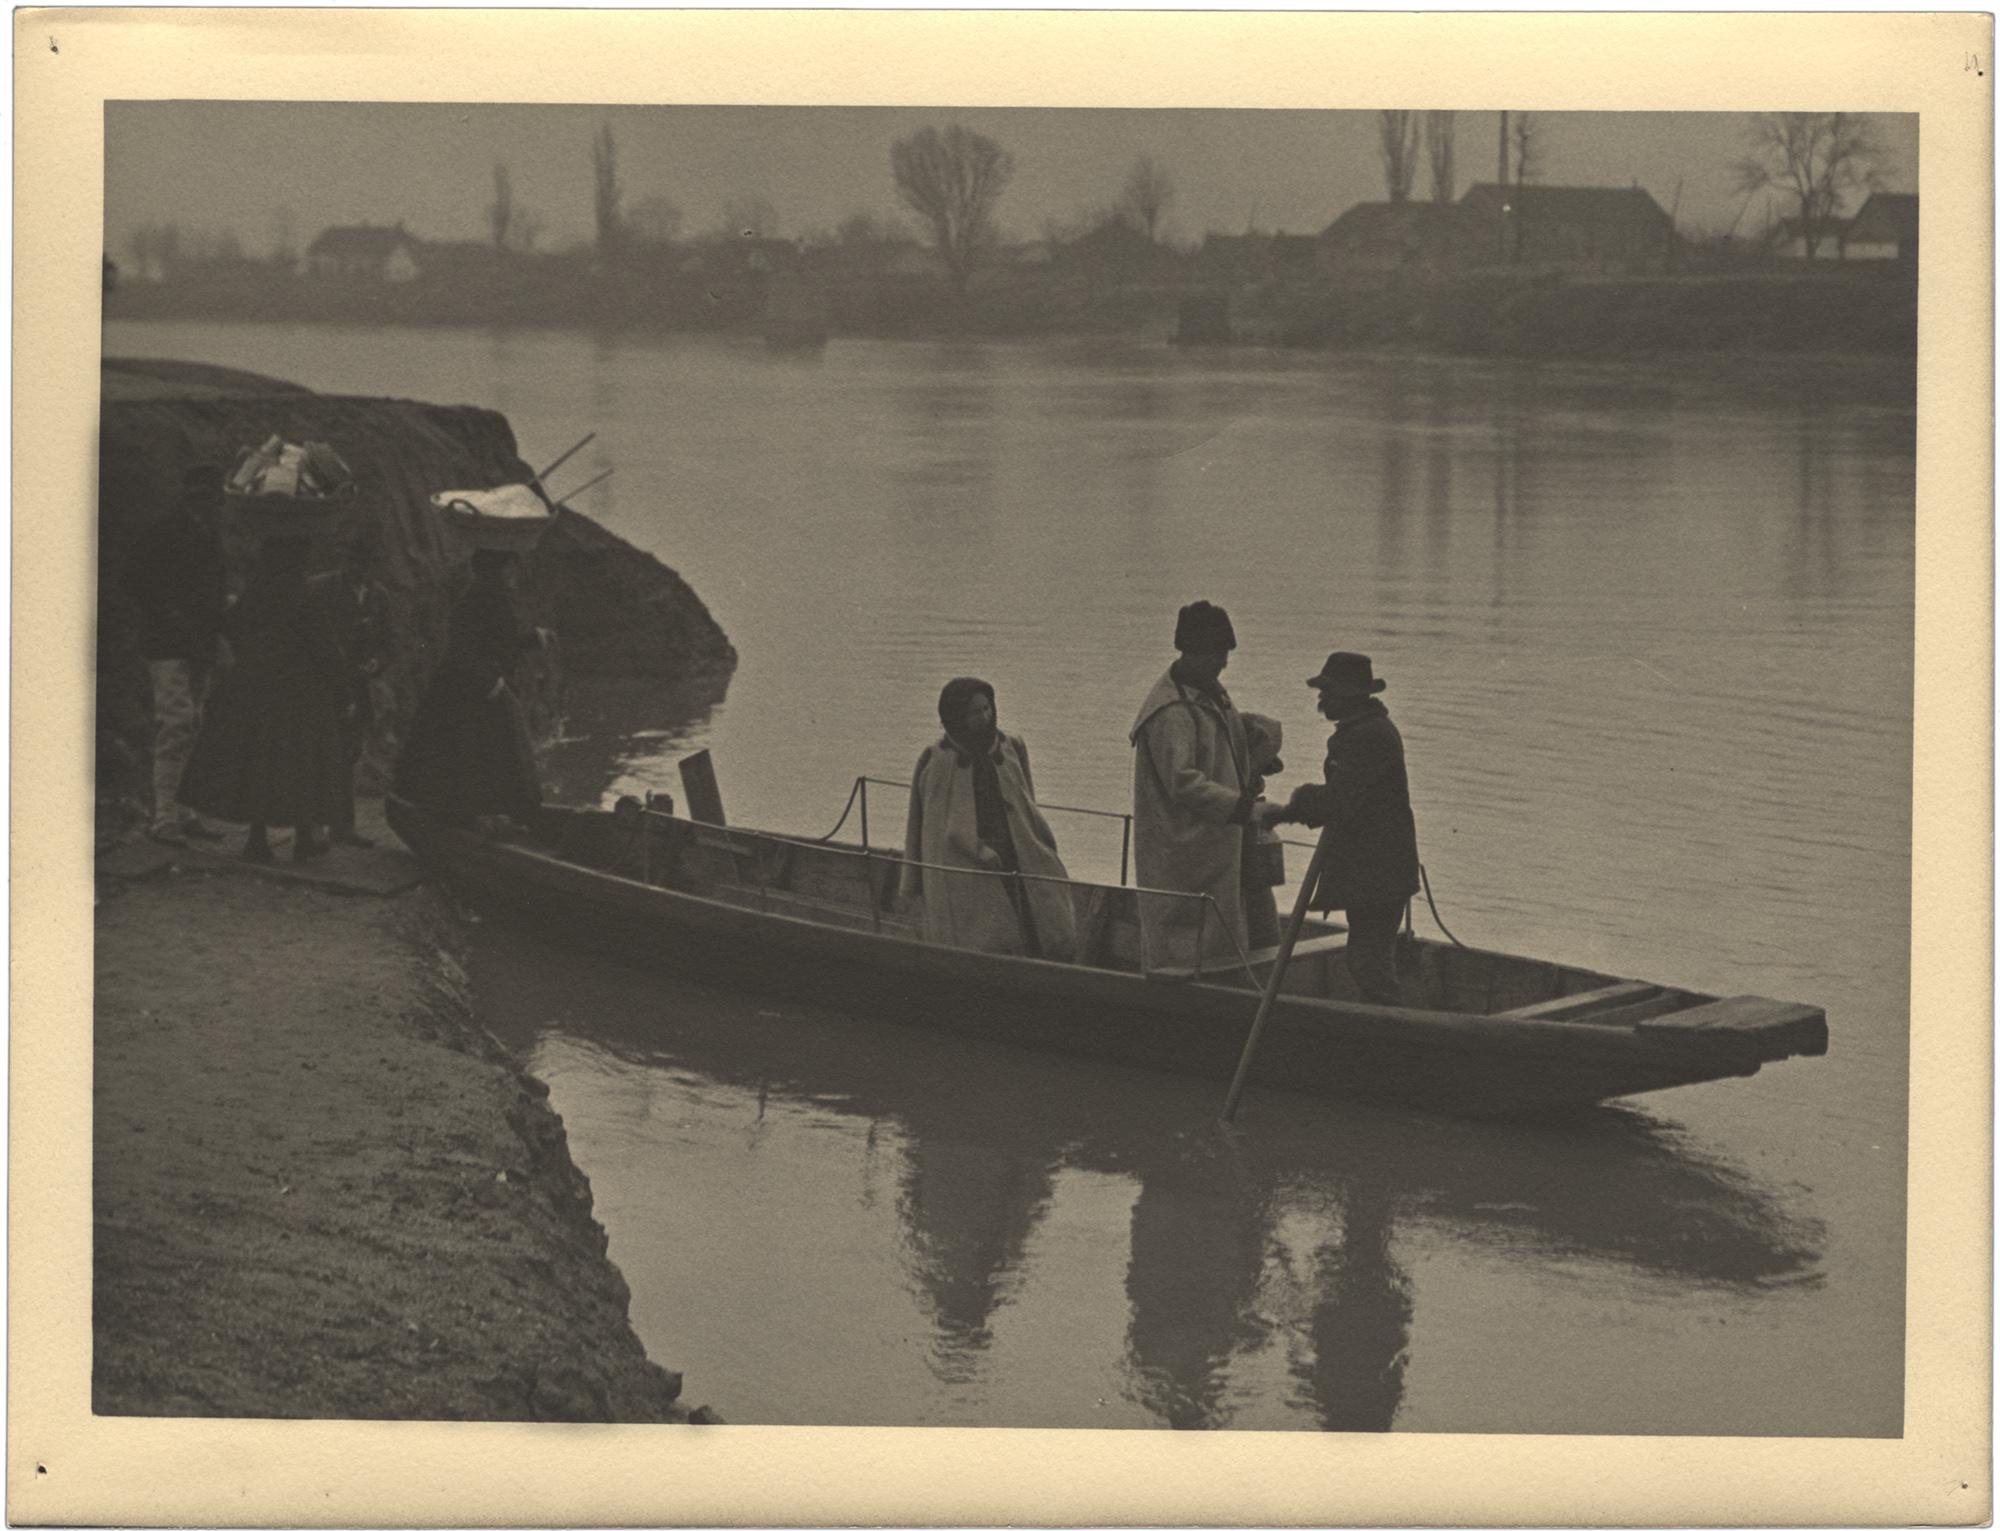 Fotó: Faix Jacques: Révész a folyón, 1920 © Magyar Fotográfiai Múzeum